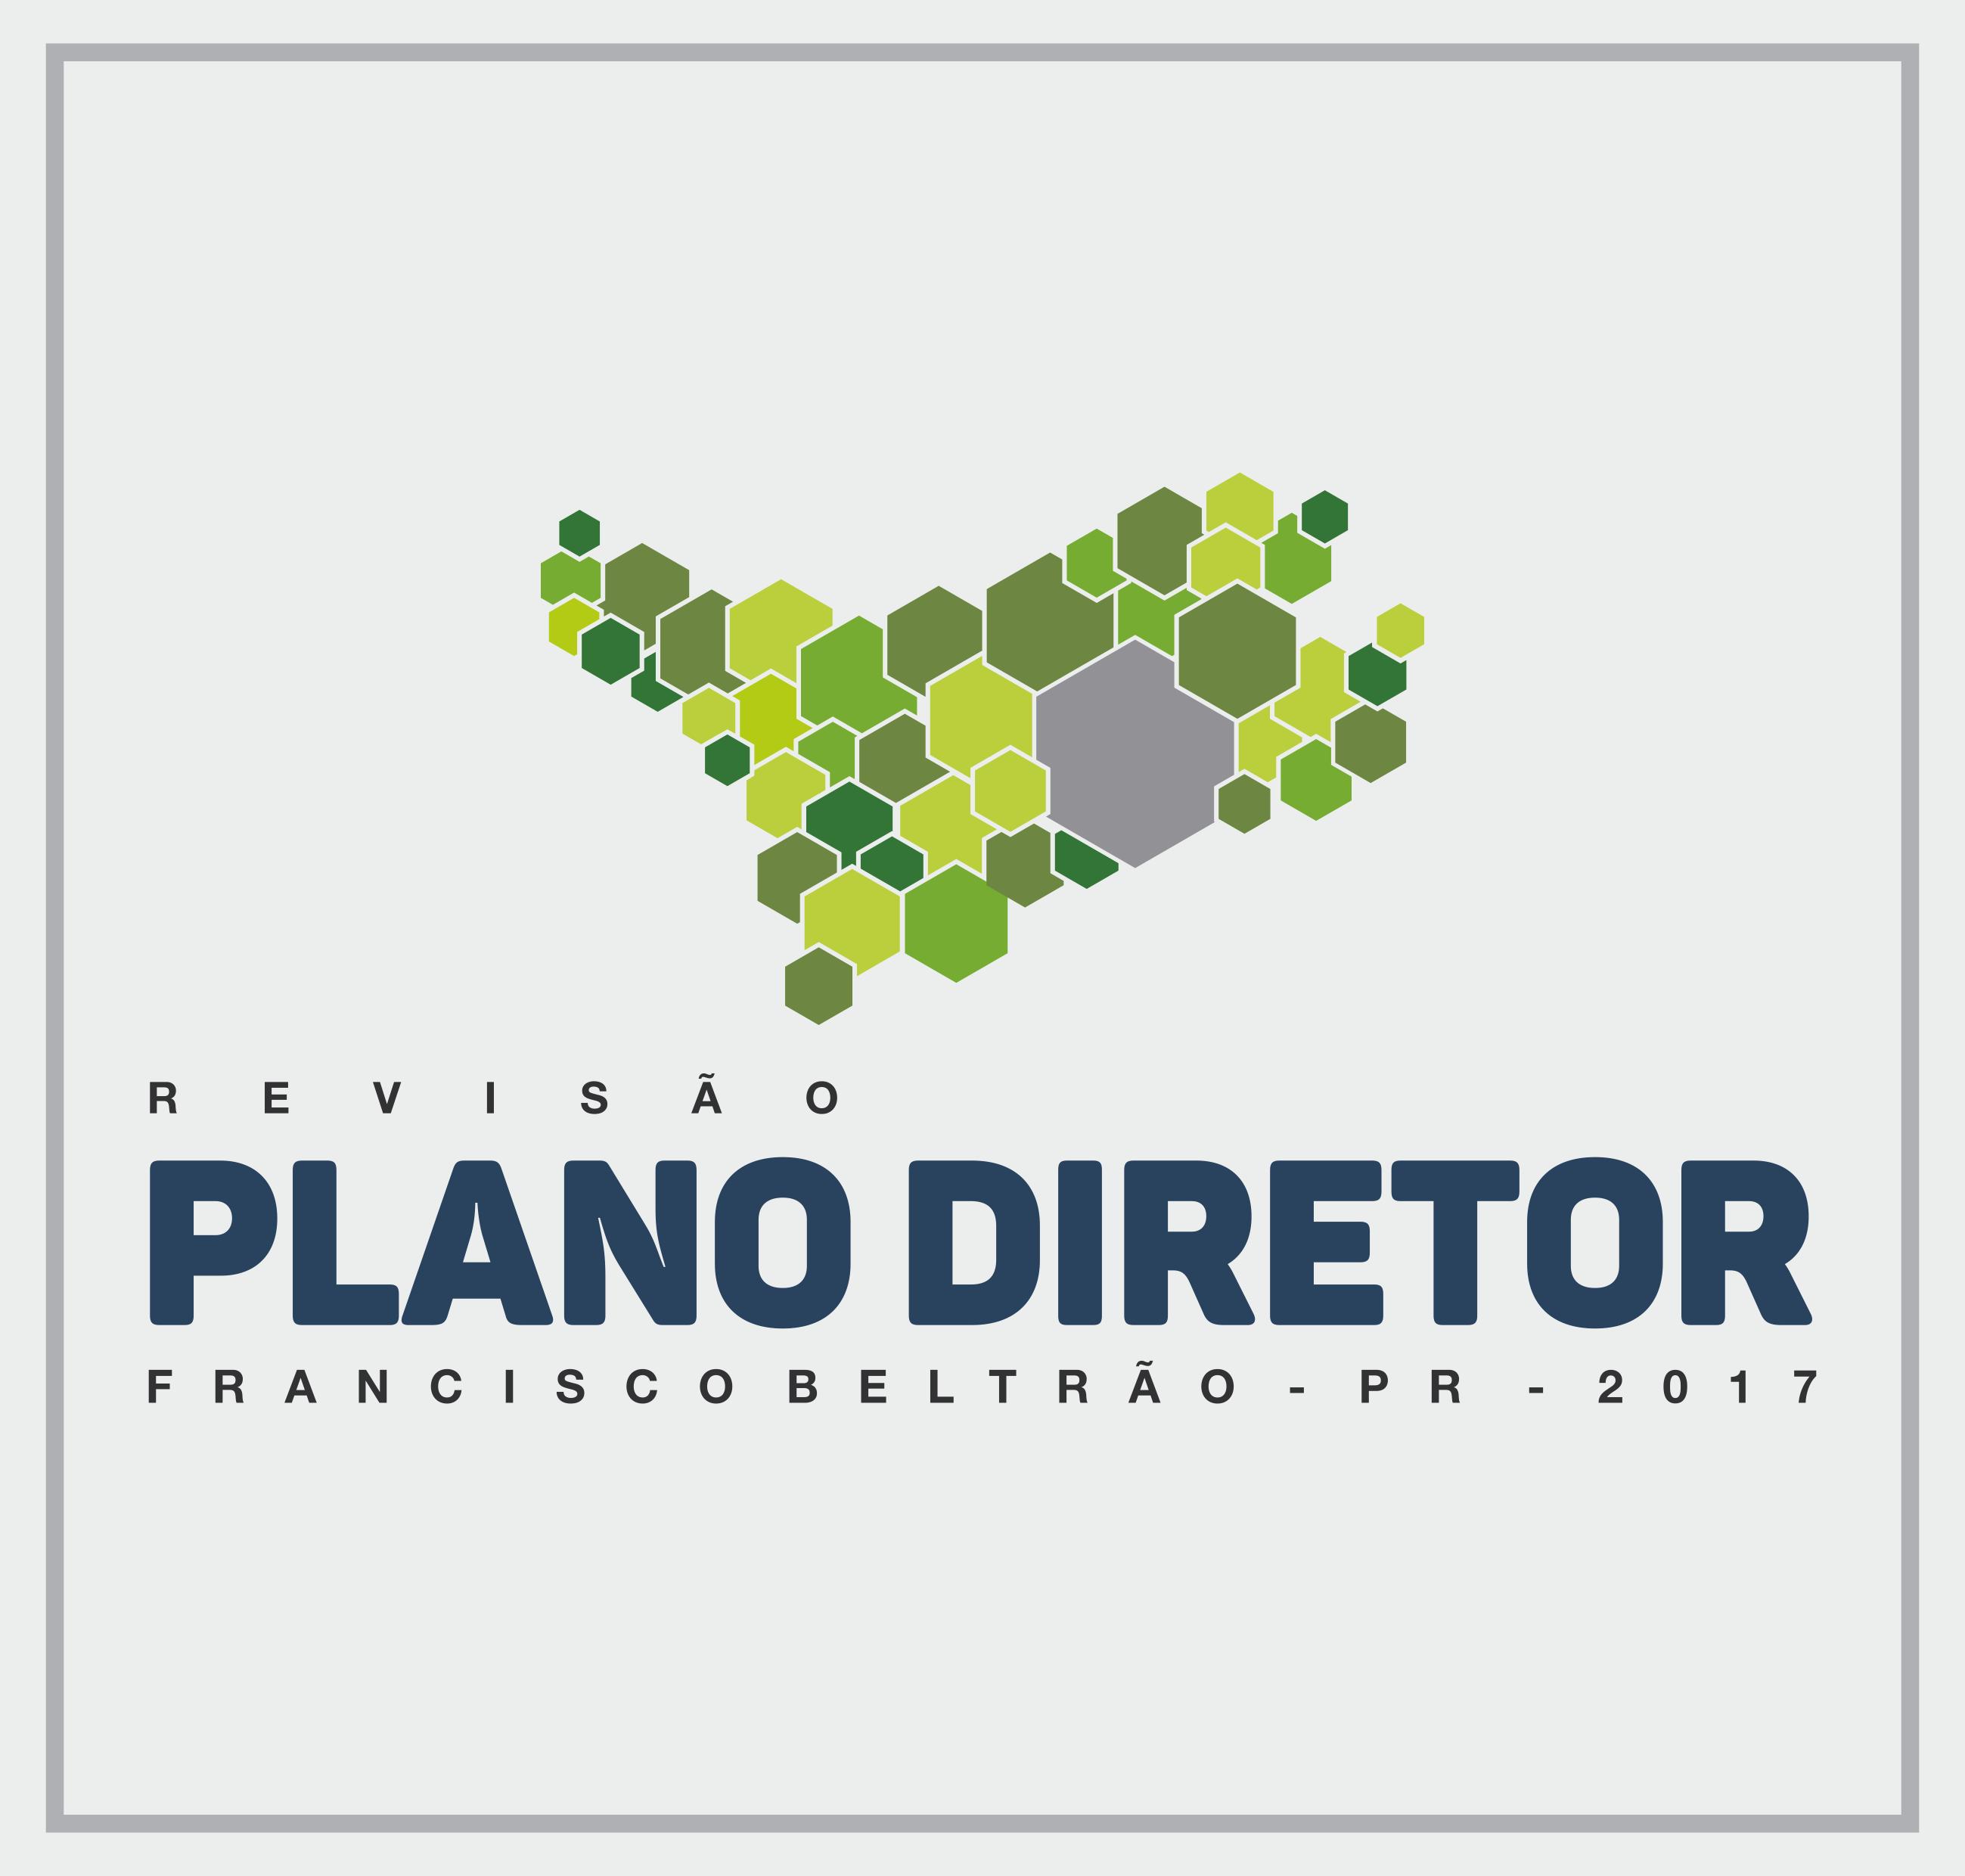 PLANO DIRETOR 2017